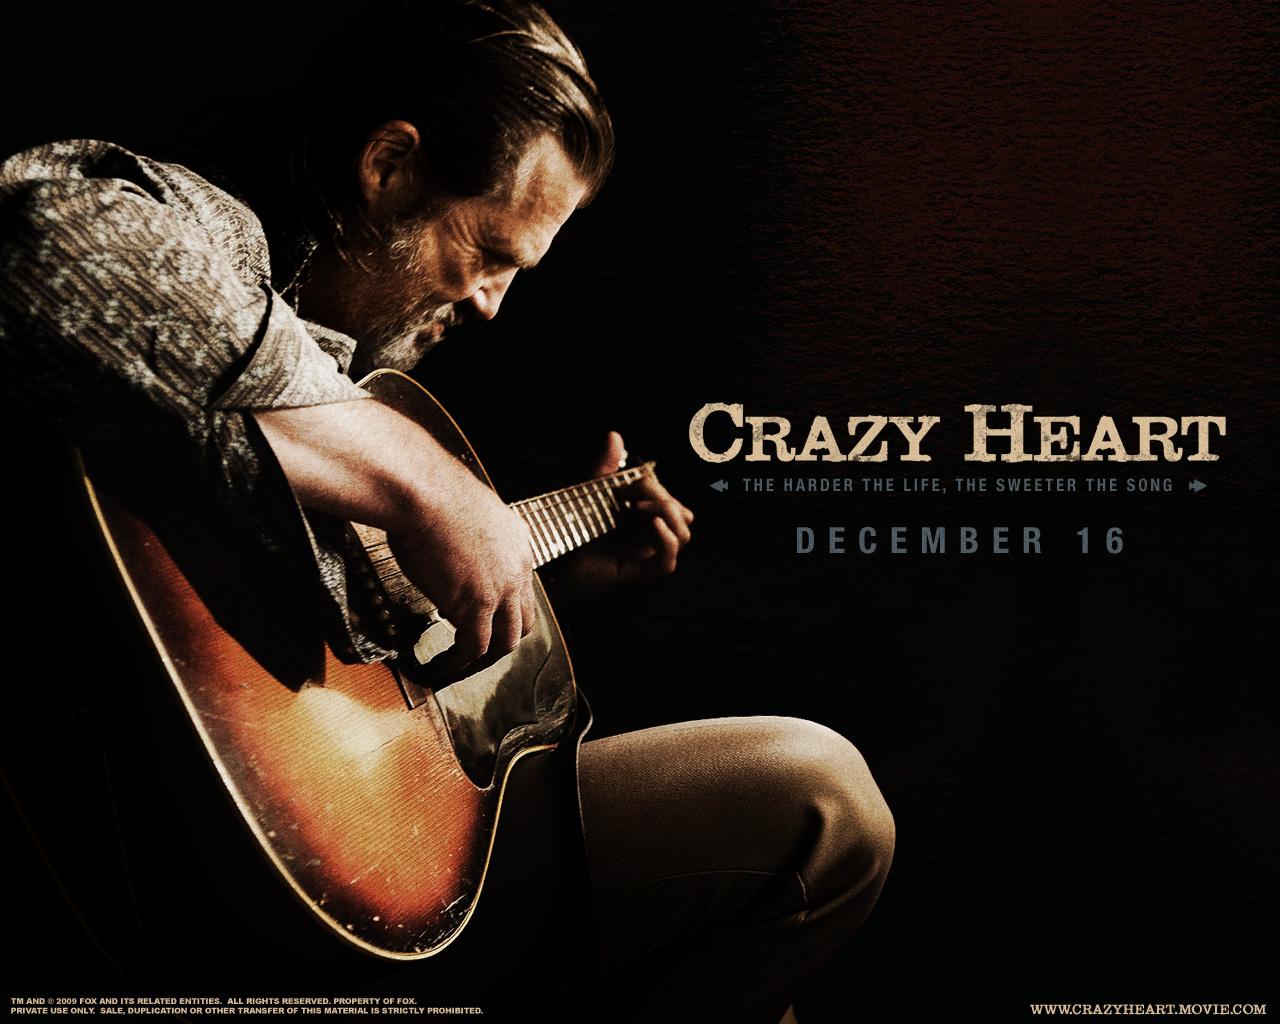 http://2.bp.blogspot.com/_E4J7vE2jBv4/TQzVRfoyh6I/AAAAAAAABH4/FgPYt1y1hwQ/s1600/crazy-heart-003.jpg